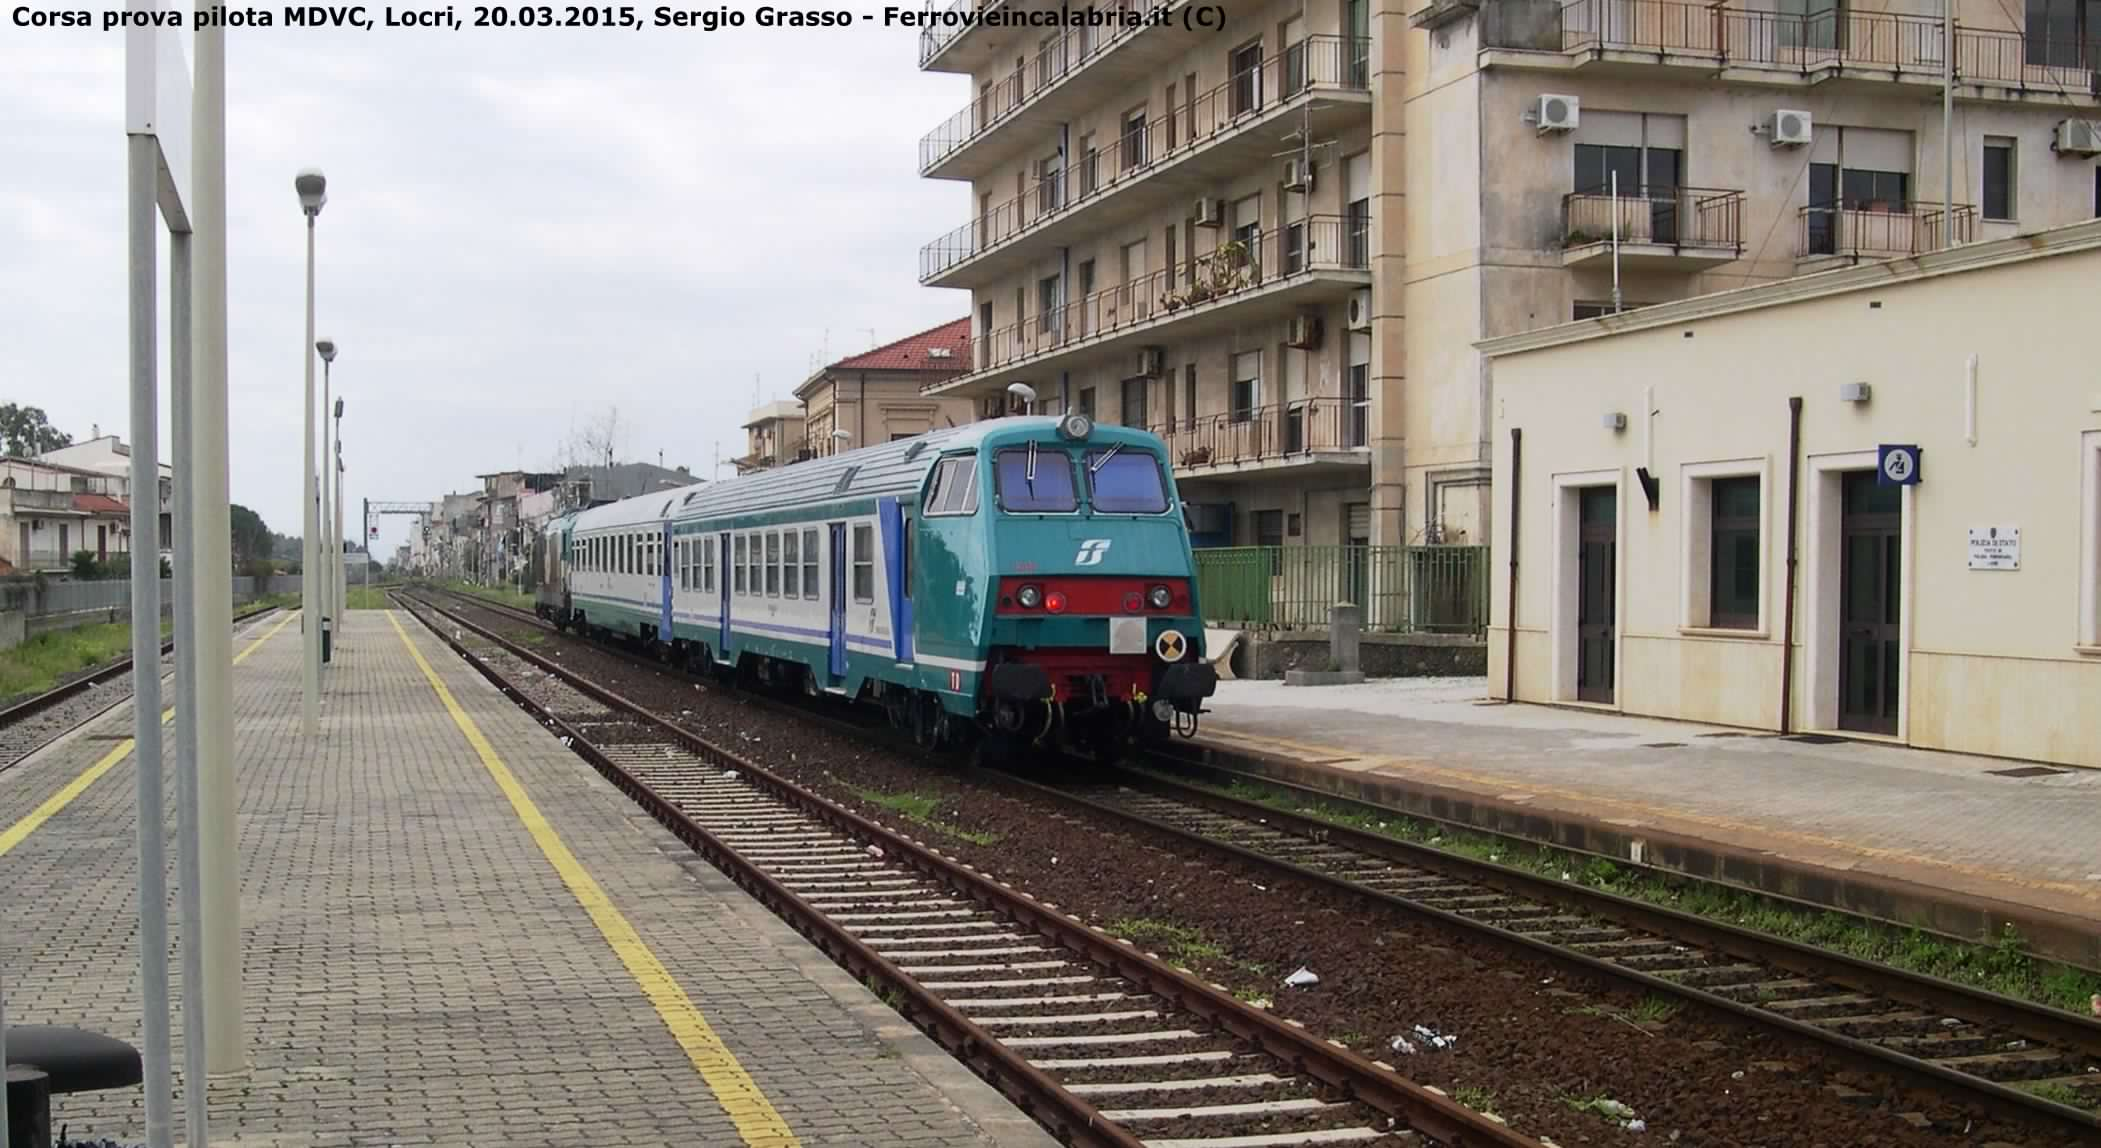 Navetta Mazinga in prova tra Reggio C. e Roccella - Locri 20.03.2015